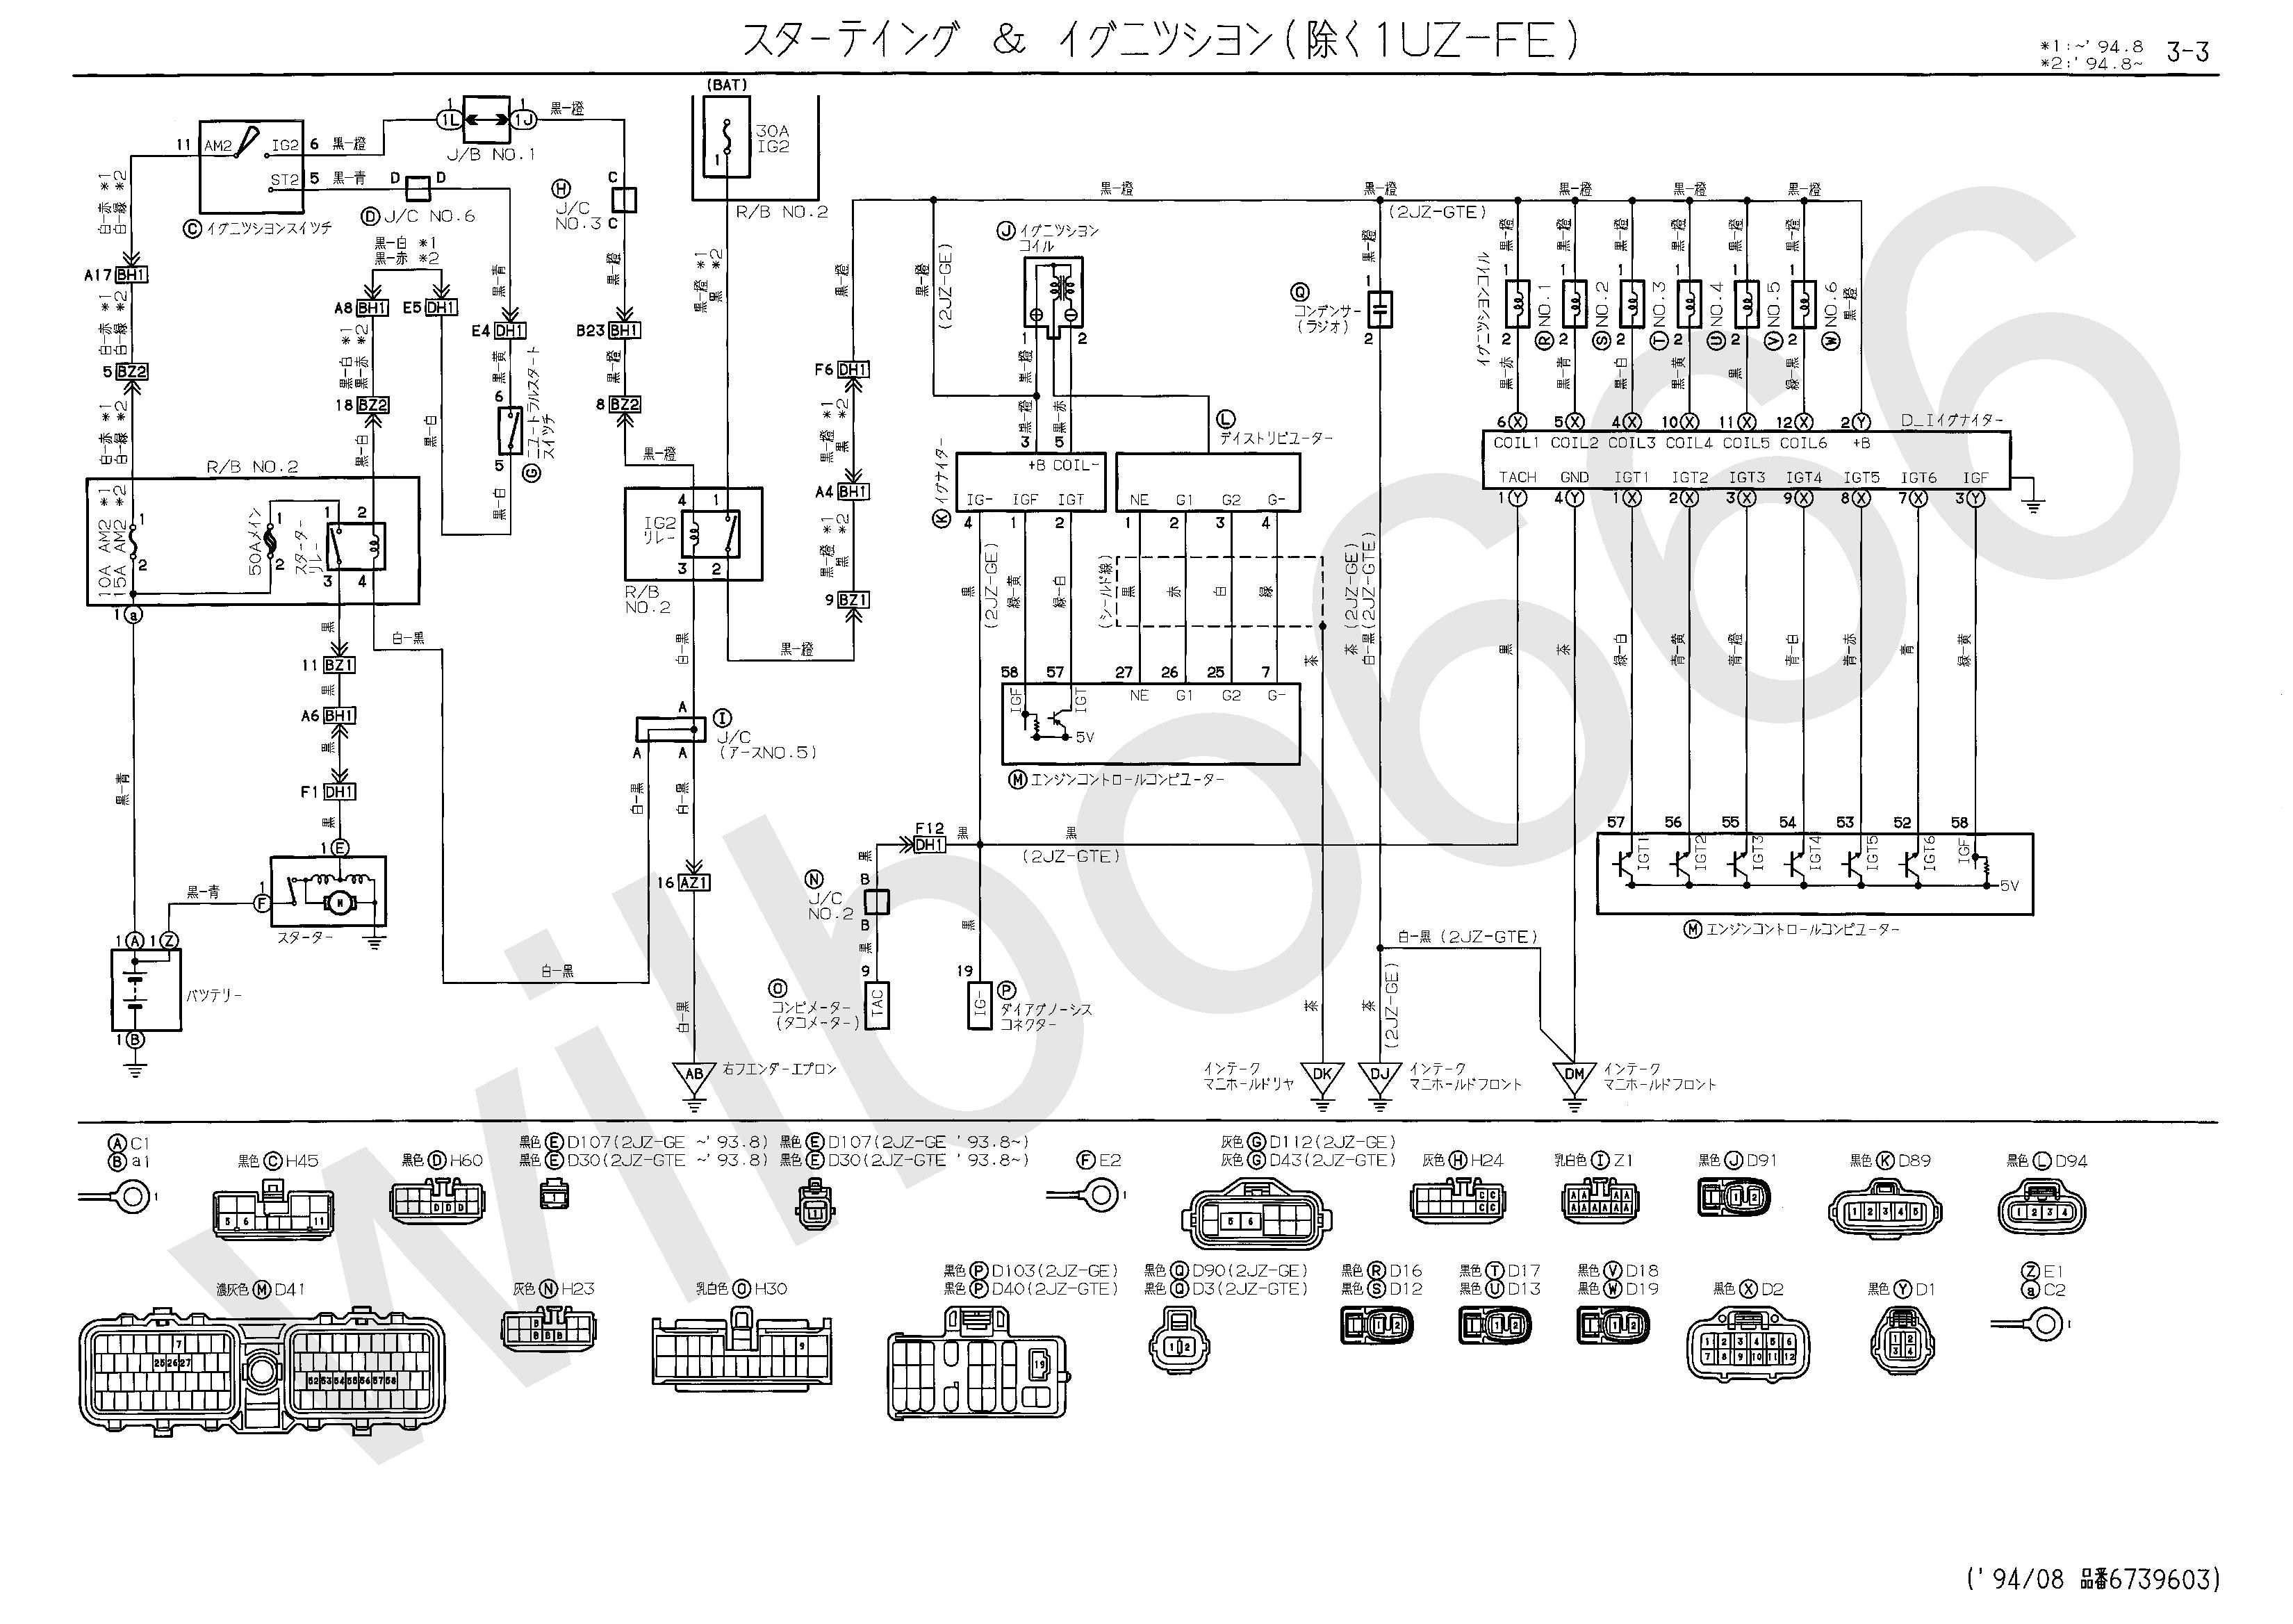 Jensen Vm9312 Wiring Harness 350 Chevy Engine Diagrams Online – Jensen Wiring Diagram